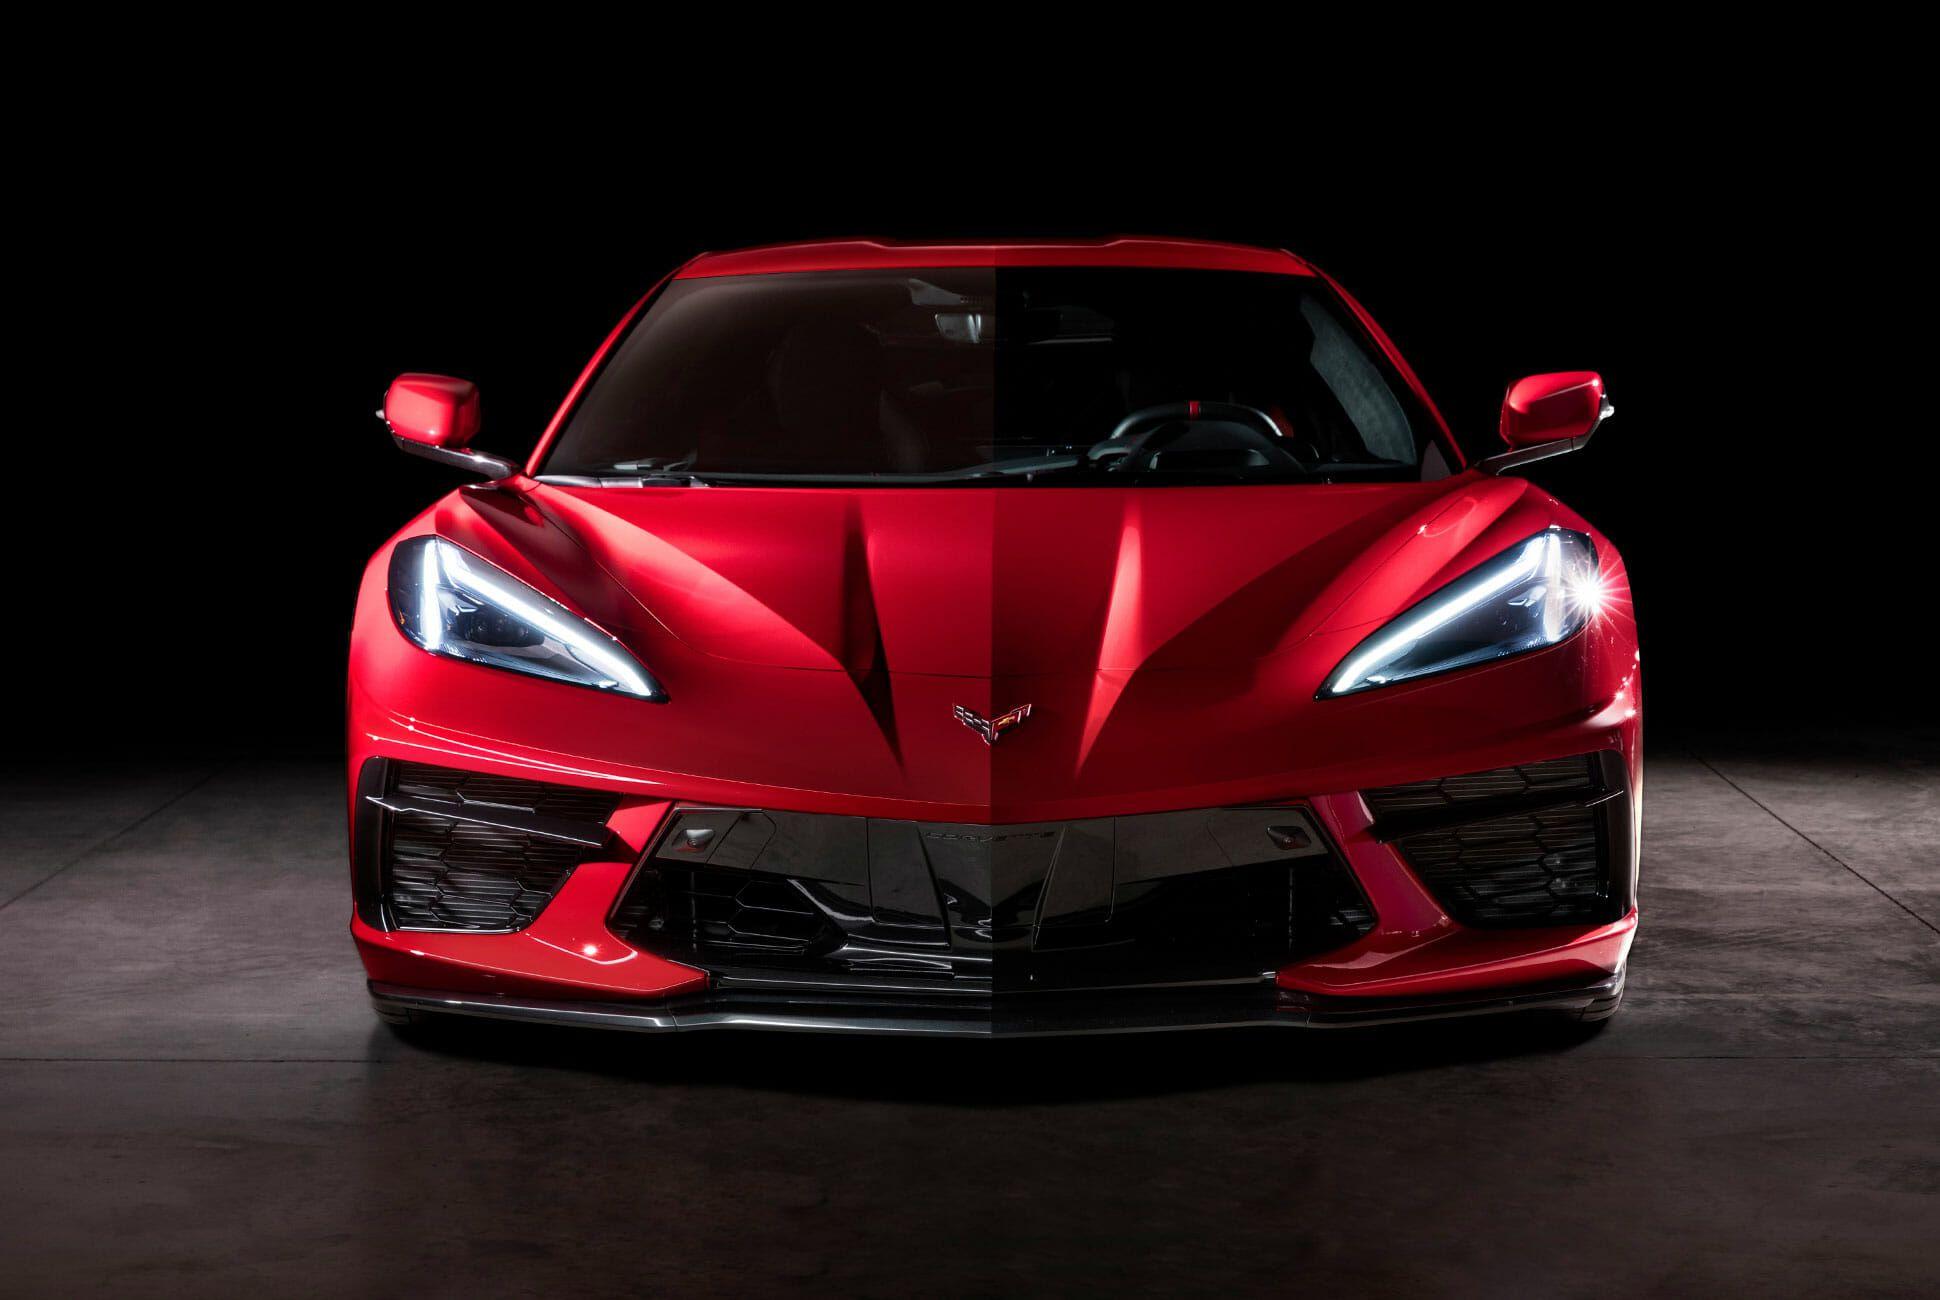 2020-Chevrolet-Corvette-Stingray-gear-patrol-slide-3